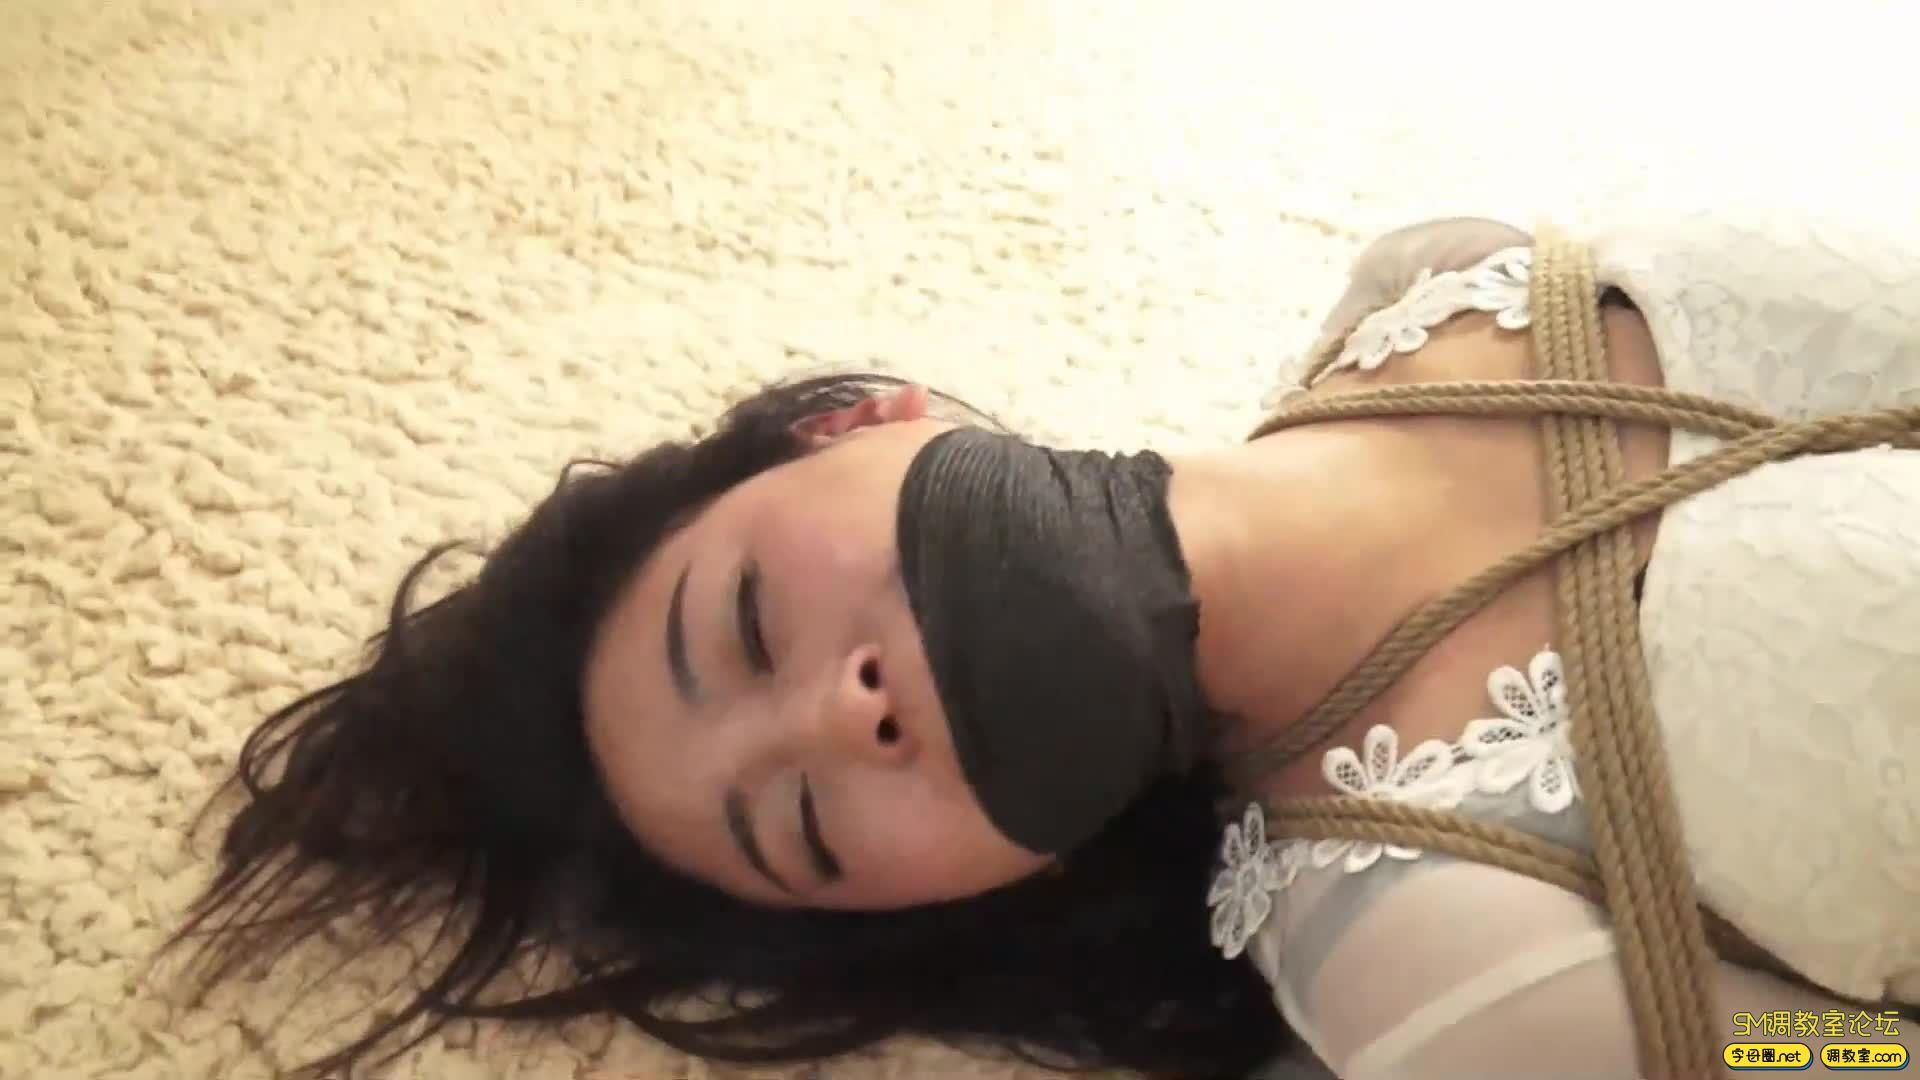 逍遥定制_强制操纵02  夏炎-视频截图5